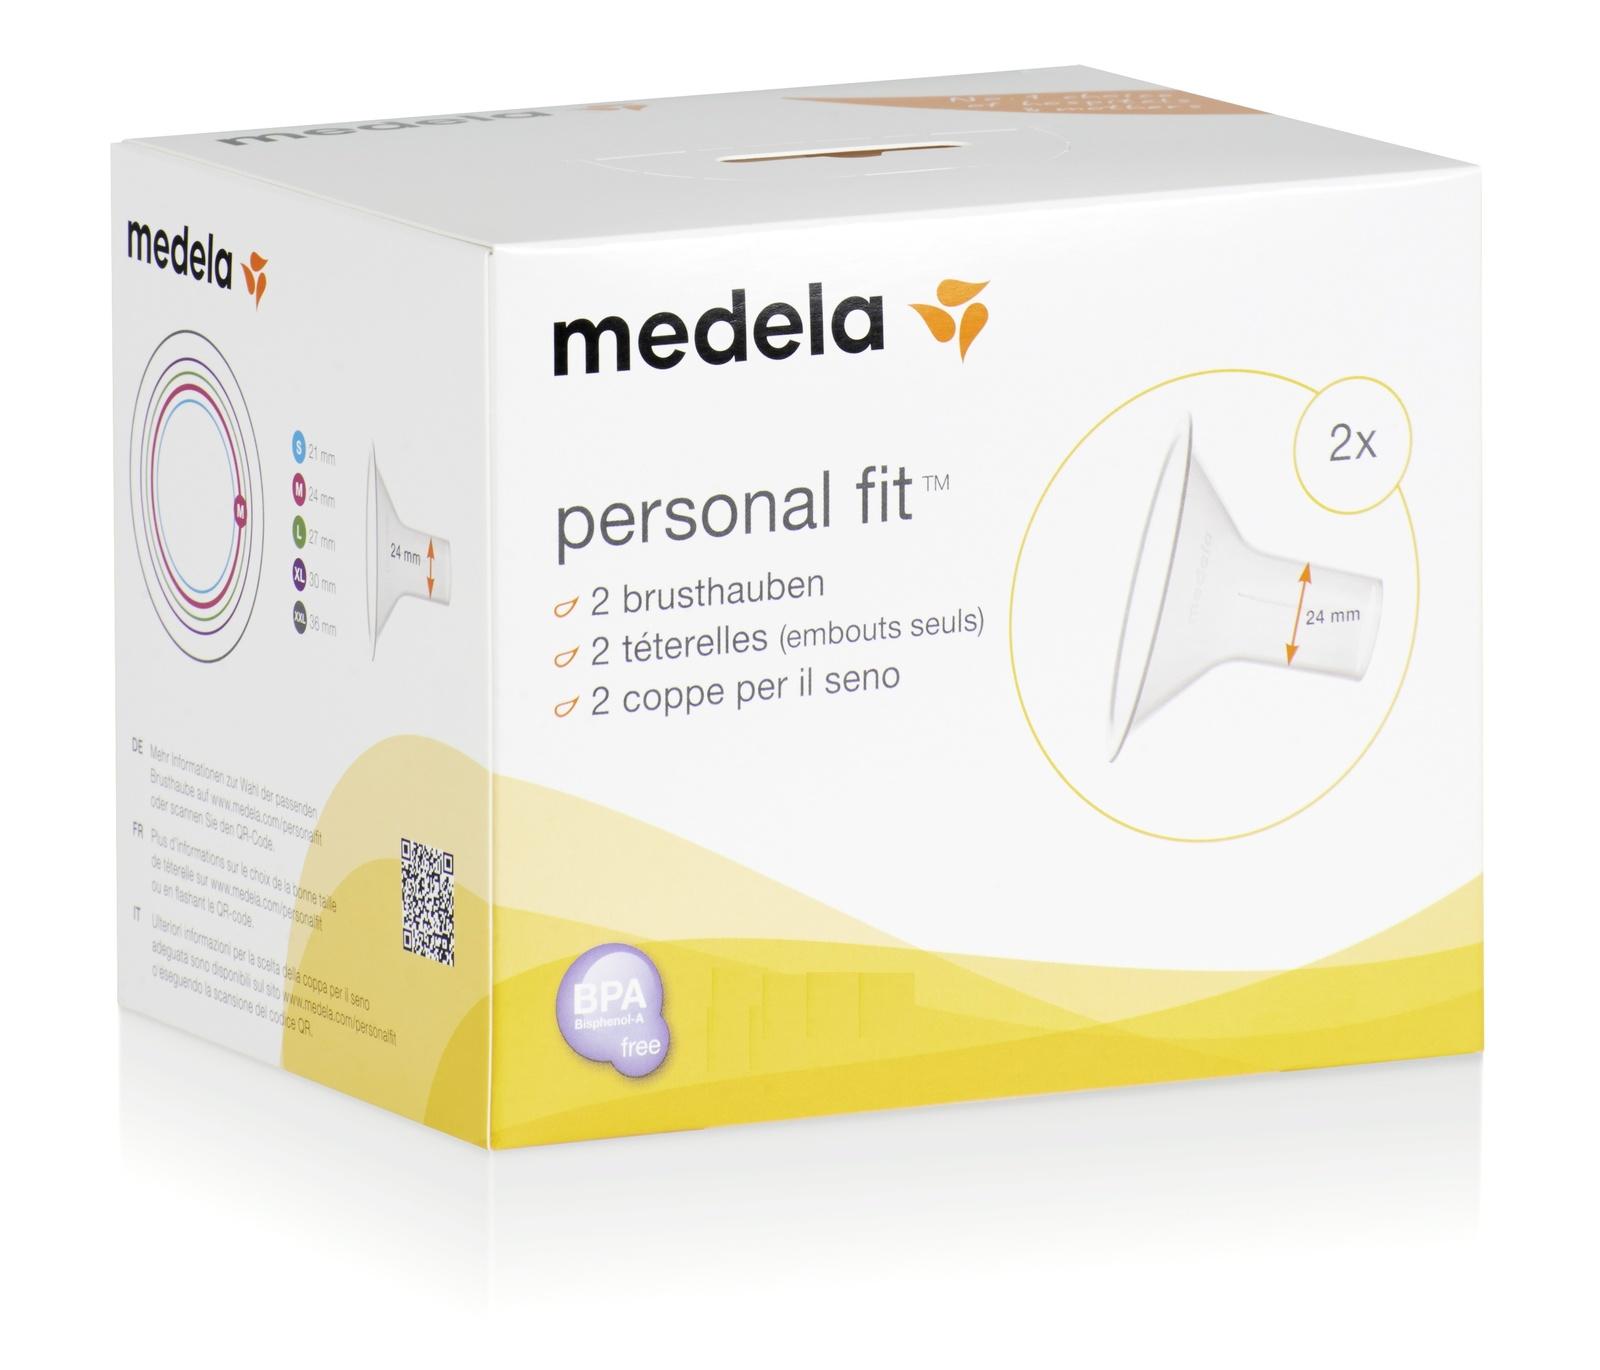 Medela Personal Fit Breastshields